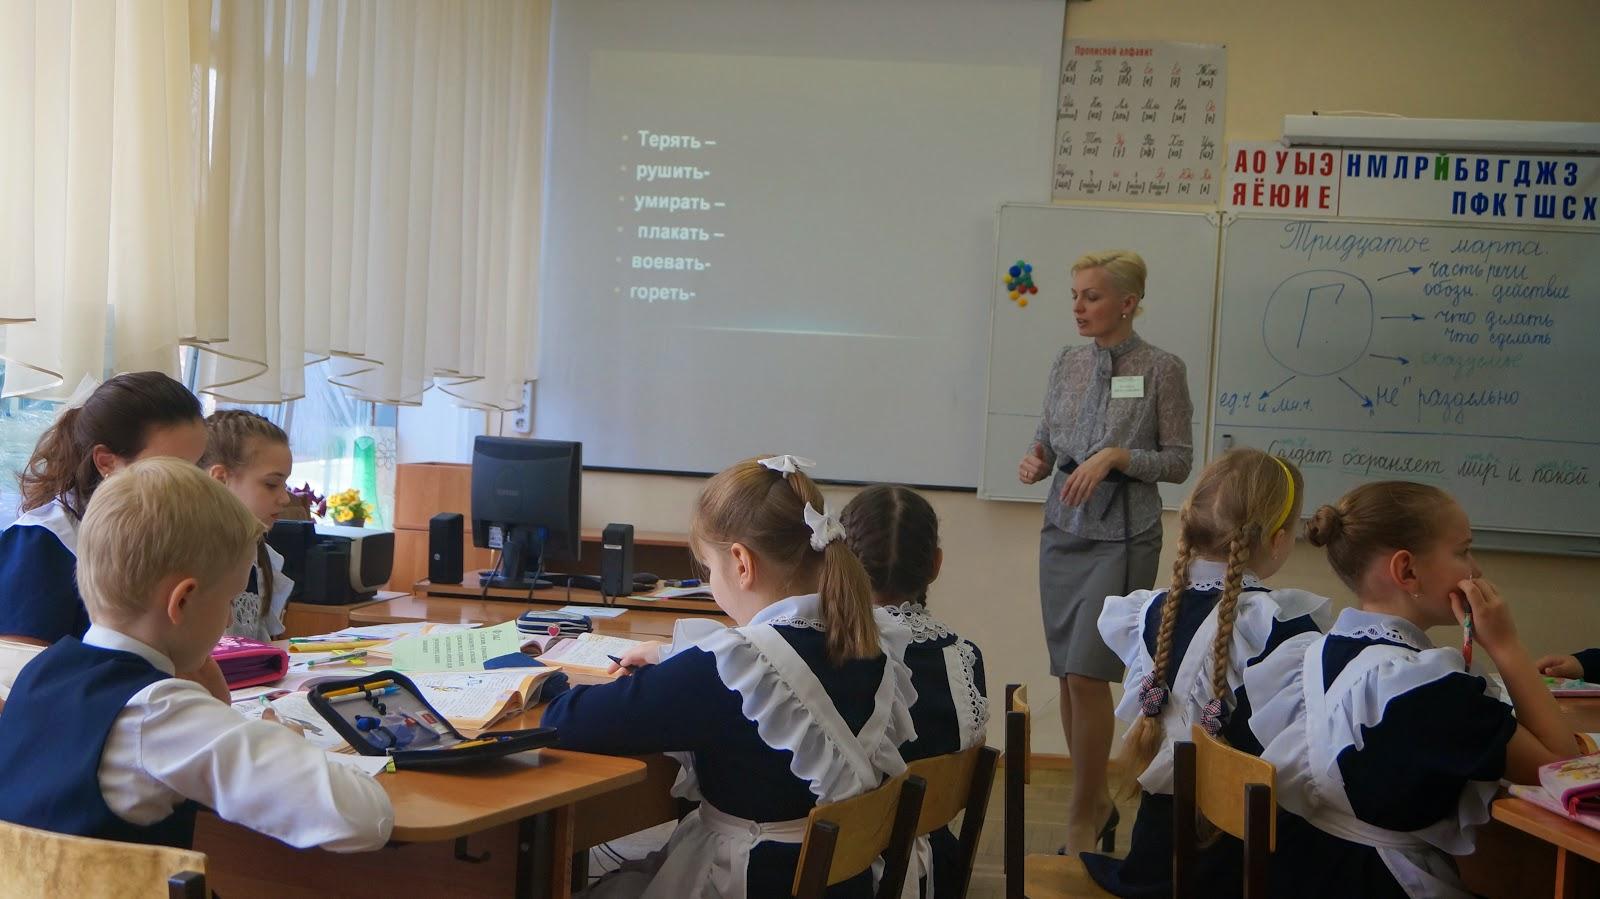 Учительница дала ученику после уроков 8 фотография